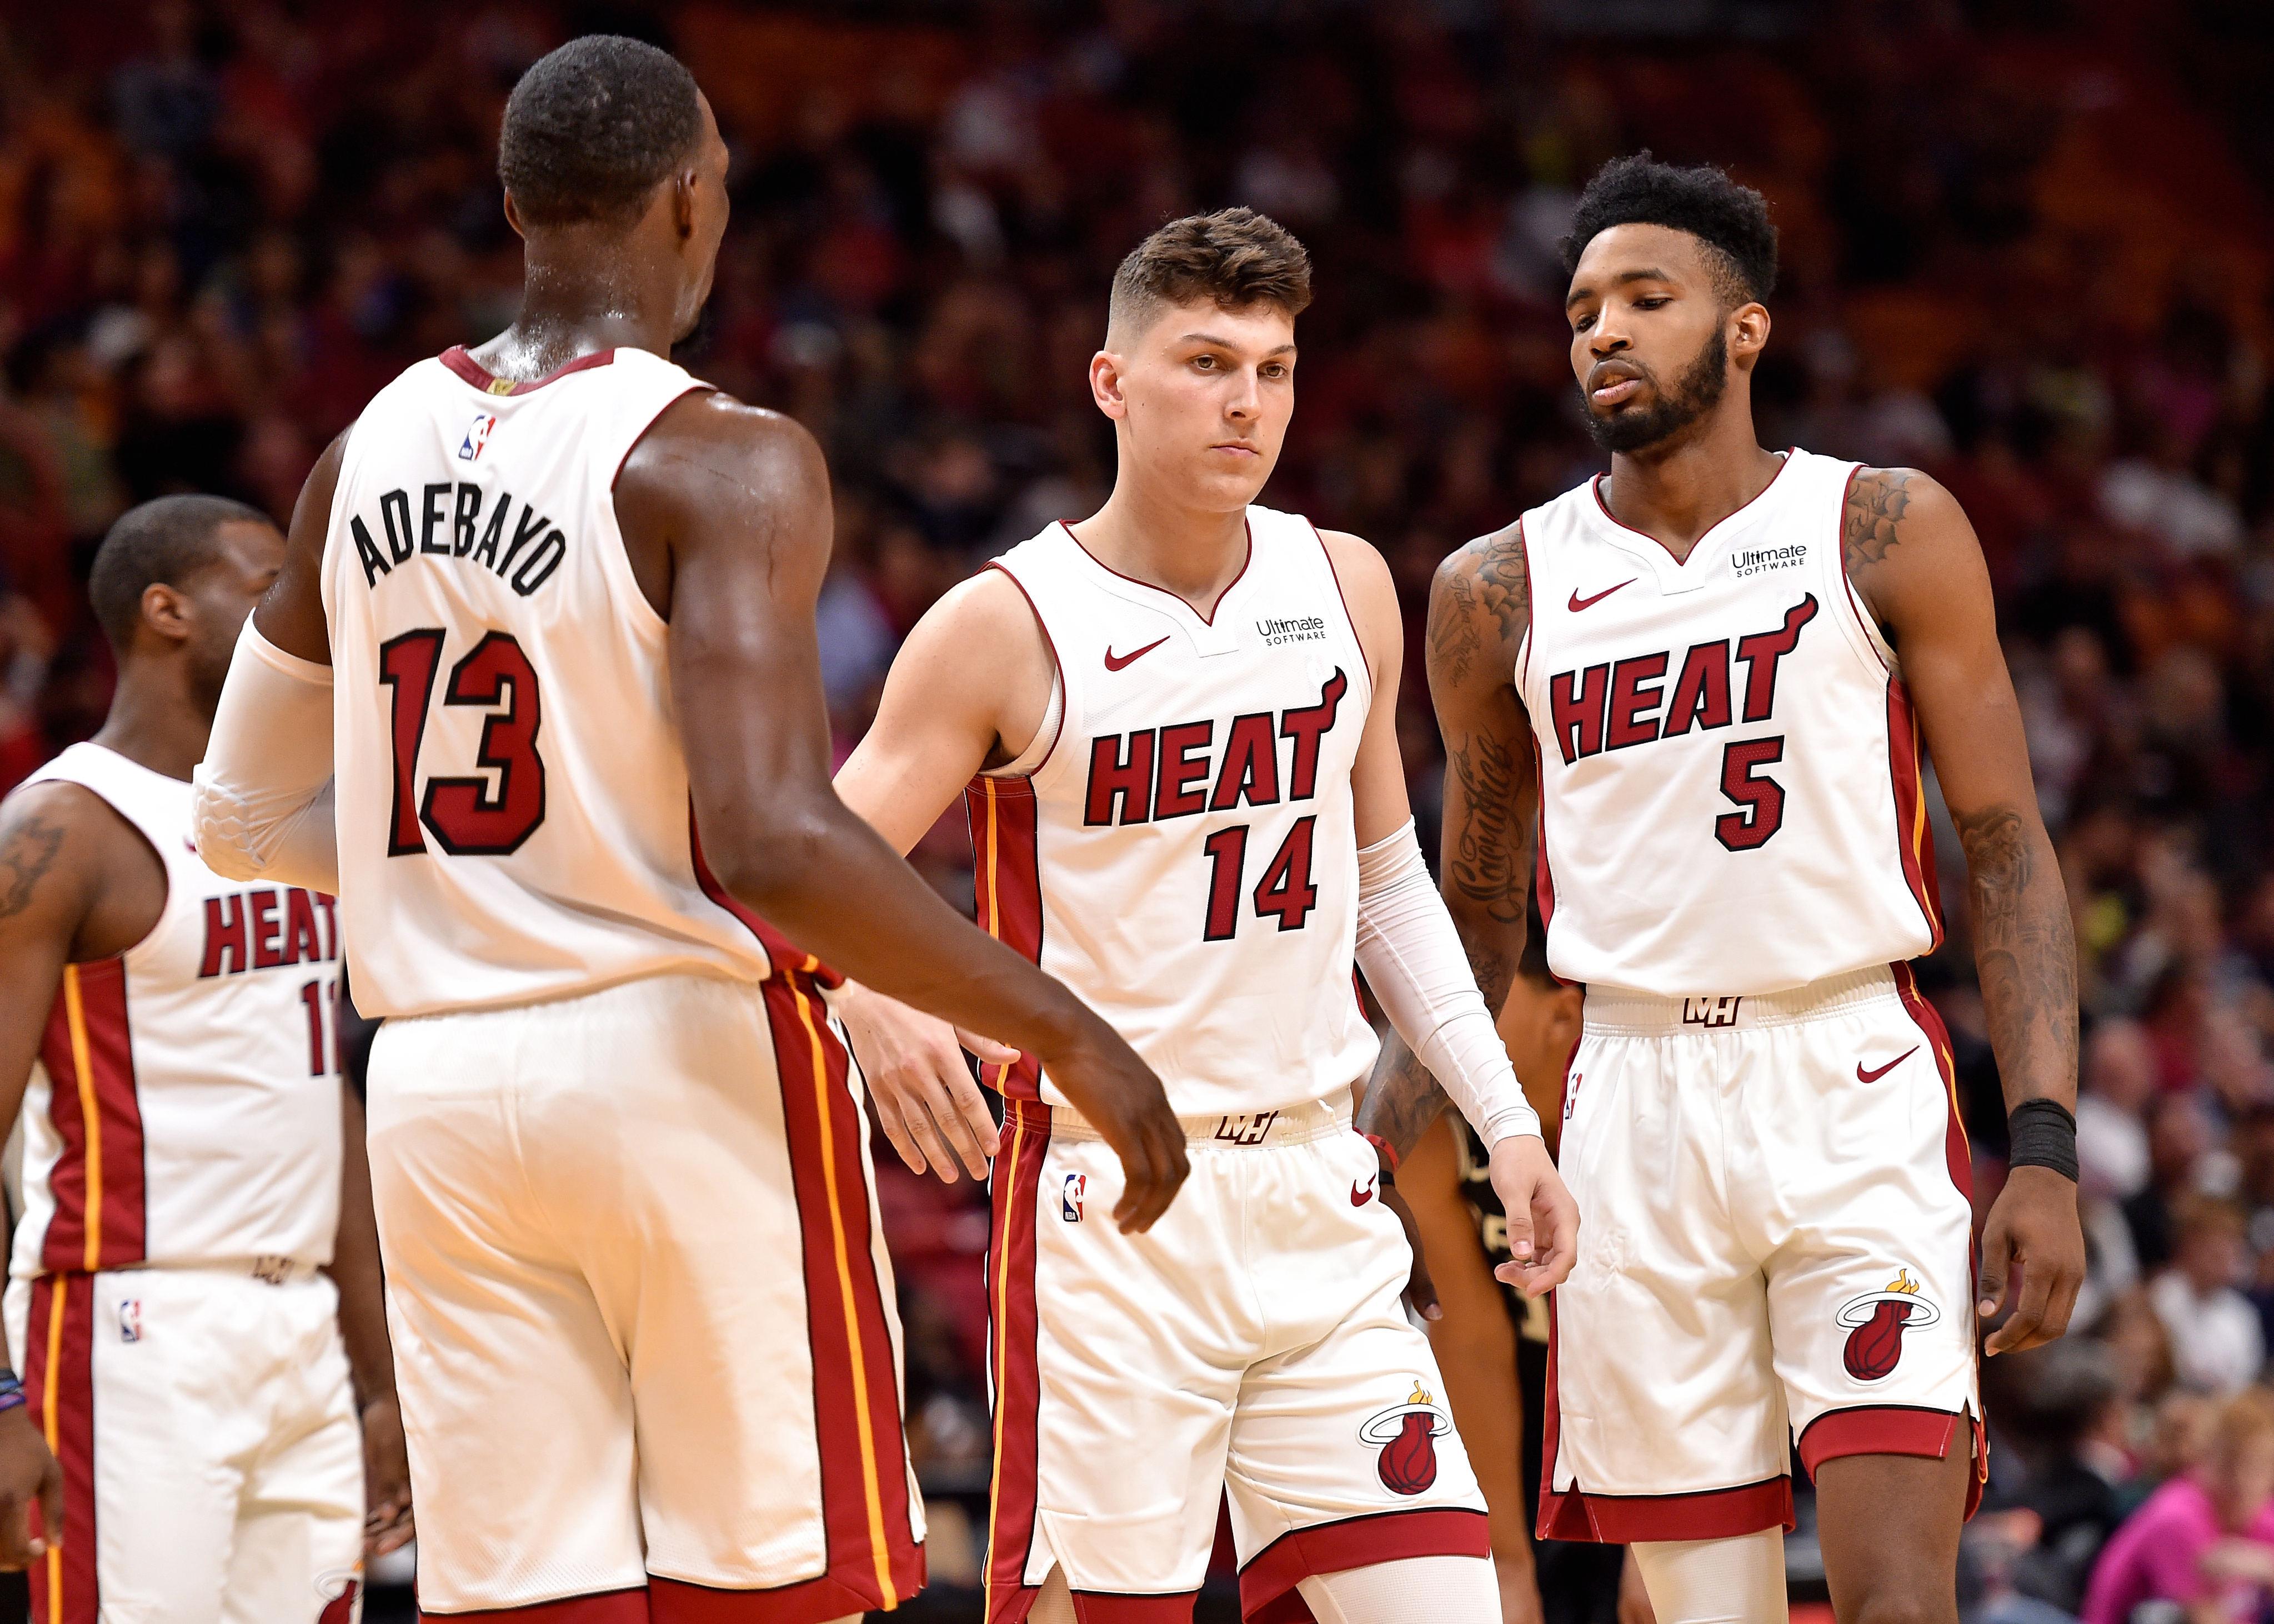 NBA: Preseason-San Antonio Spurs at Miami Heat